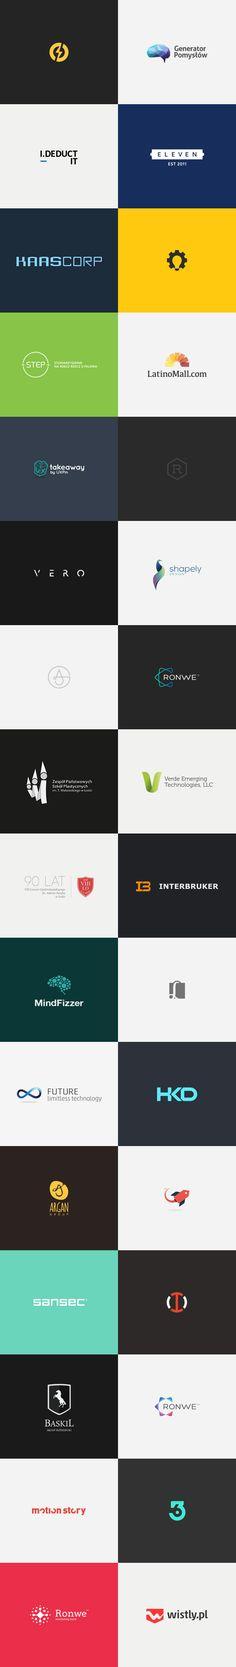 Logotipos atractivos de otros diseñadores http://jrstudioweb.com/diseno-grafico/diseno-de-logotipos/